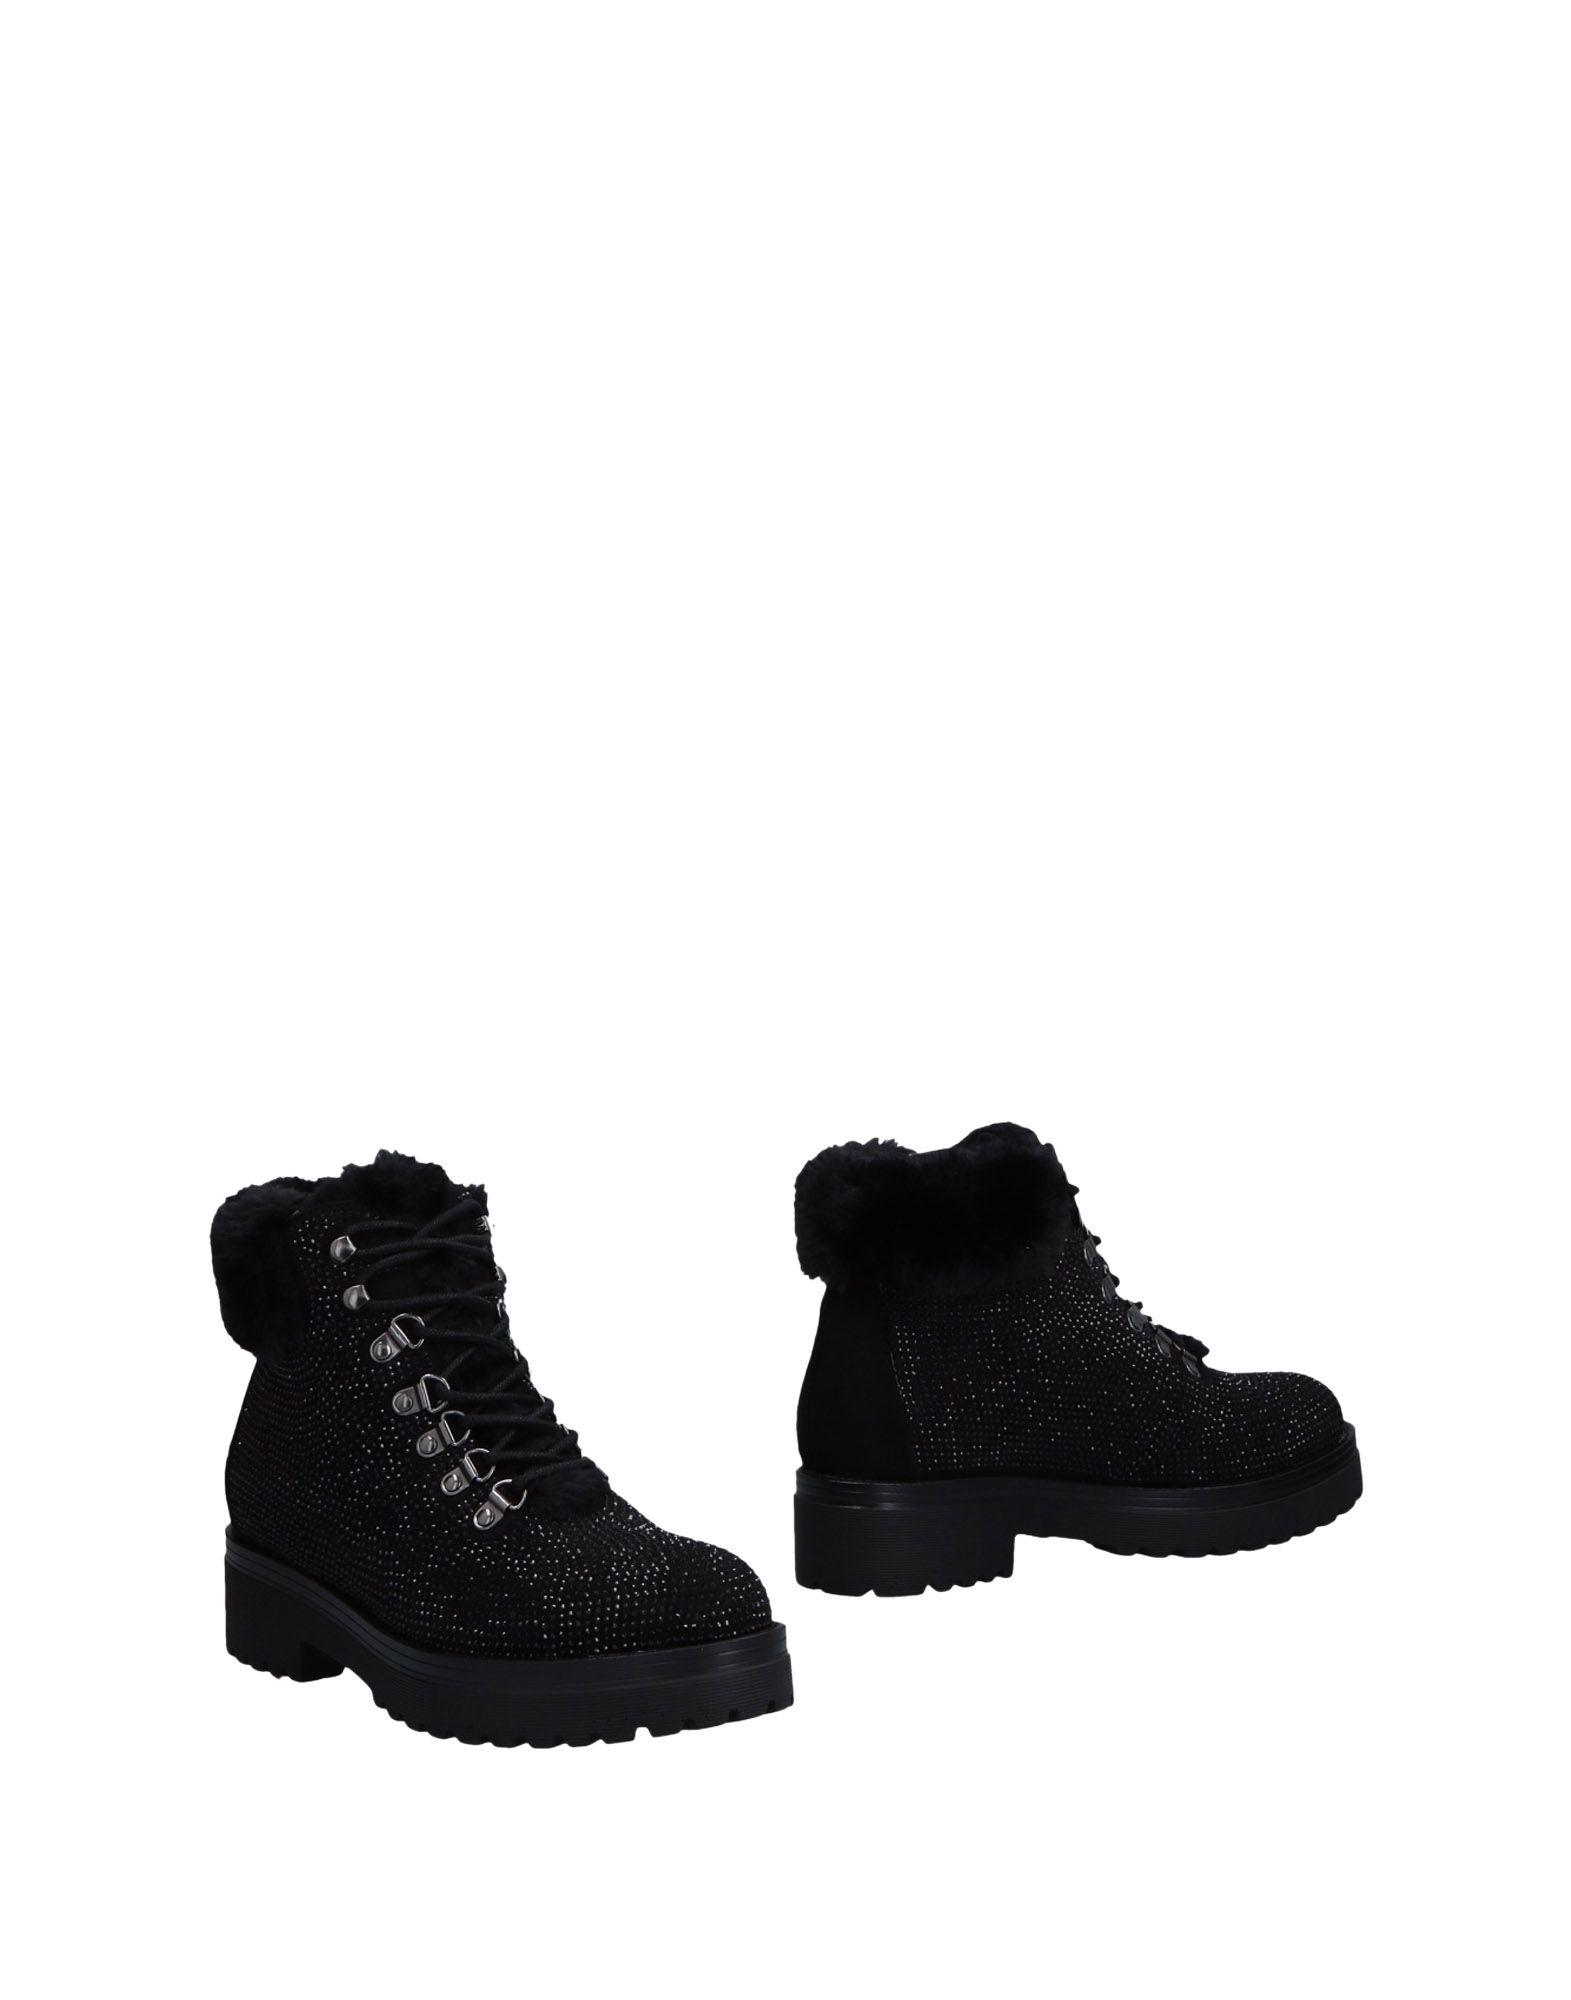 Bottine Cafènoir Femme - Bottines Cafènoir Noir Nouvelles chaussures pour hommes et femmes, remise limitée dans le temps